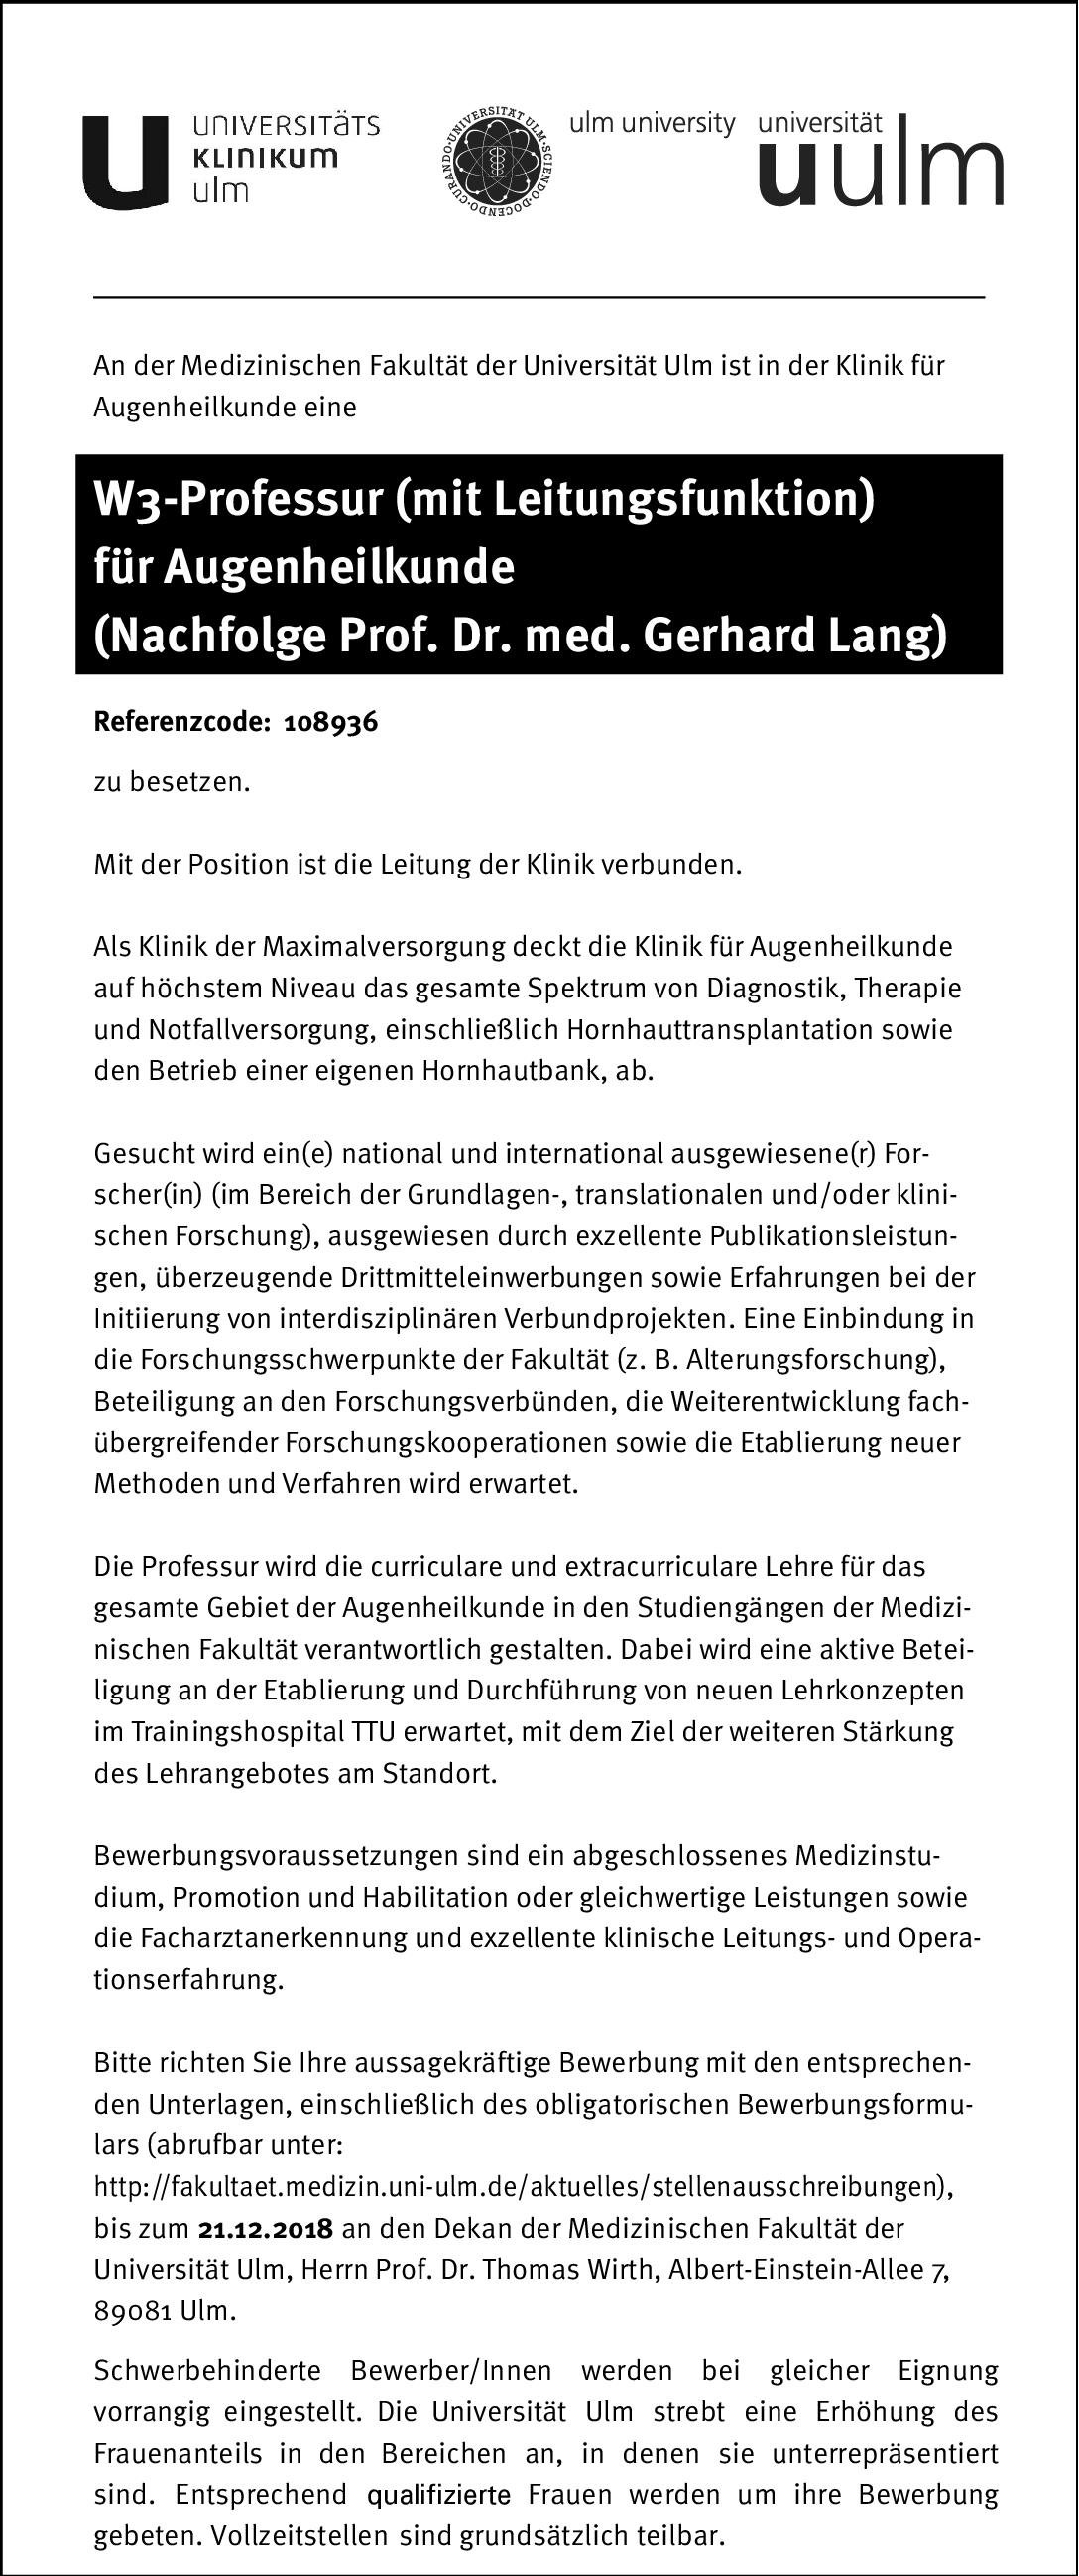 Medizinische Fakultät der Universität Ulm W3-Professur (mit  Leitungsfunktion) für Augenheilkunde Augenheilkunde Professor